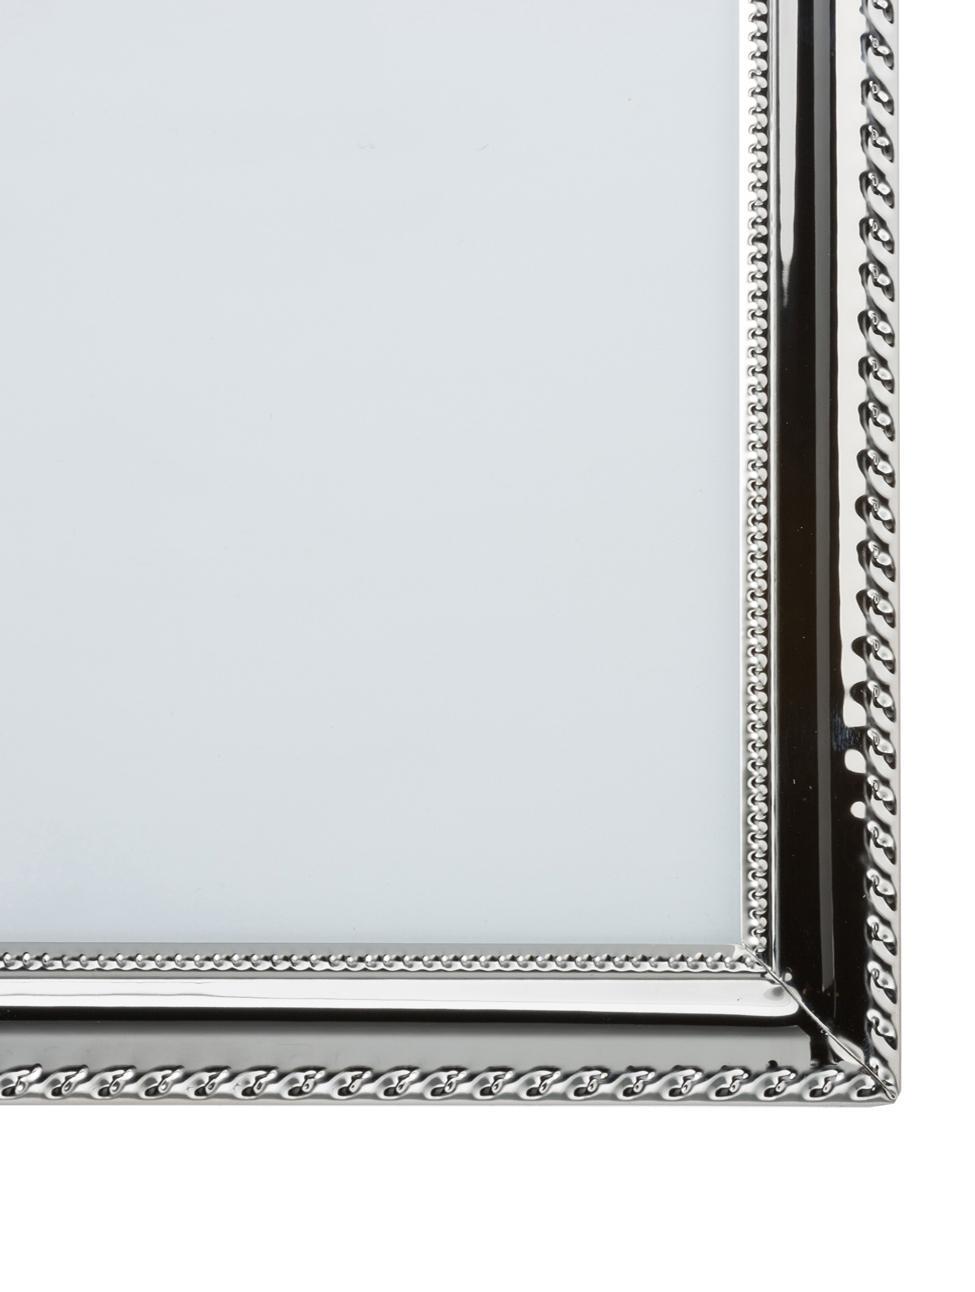 Marco Julie, Plateado, transparente, 15 x 20 cm